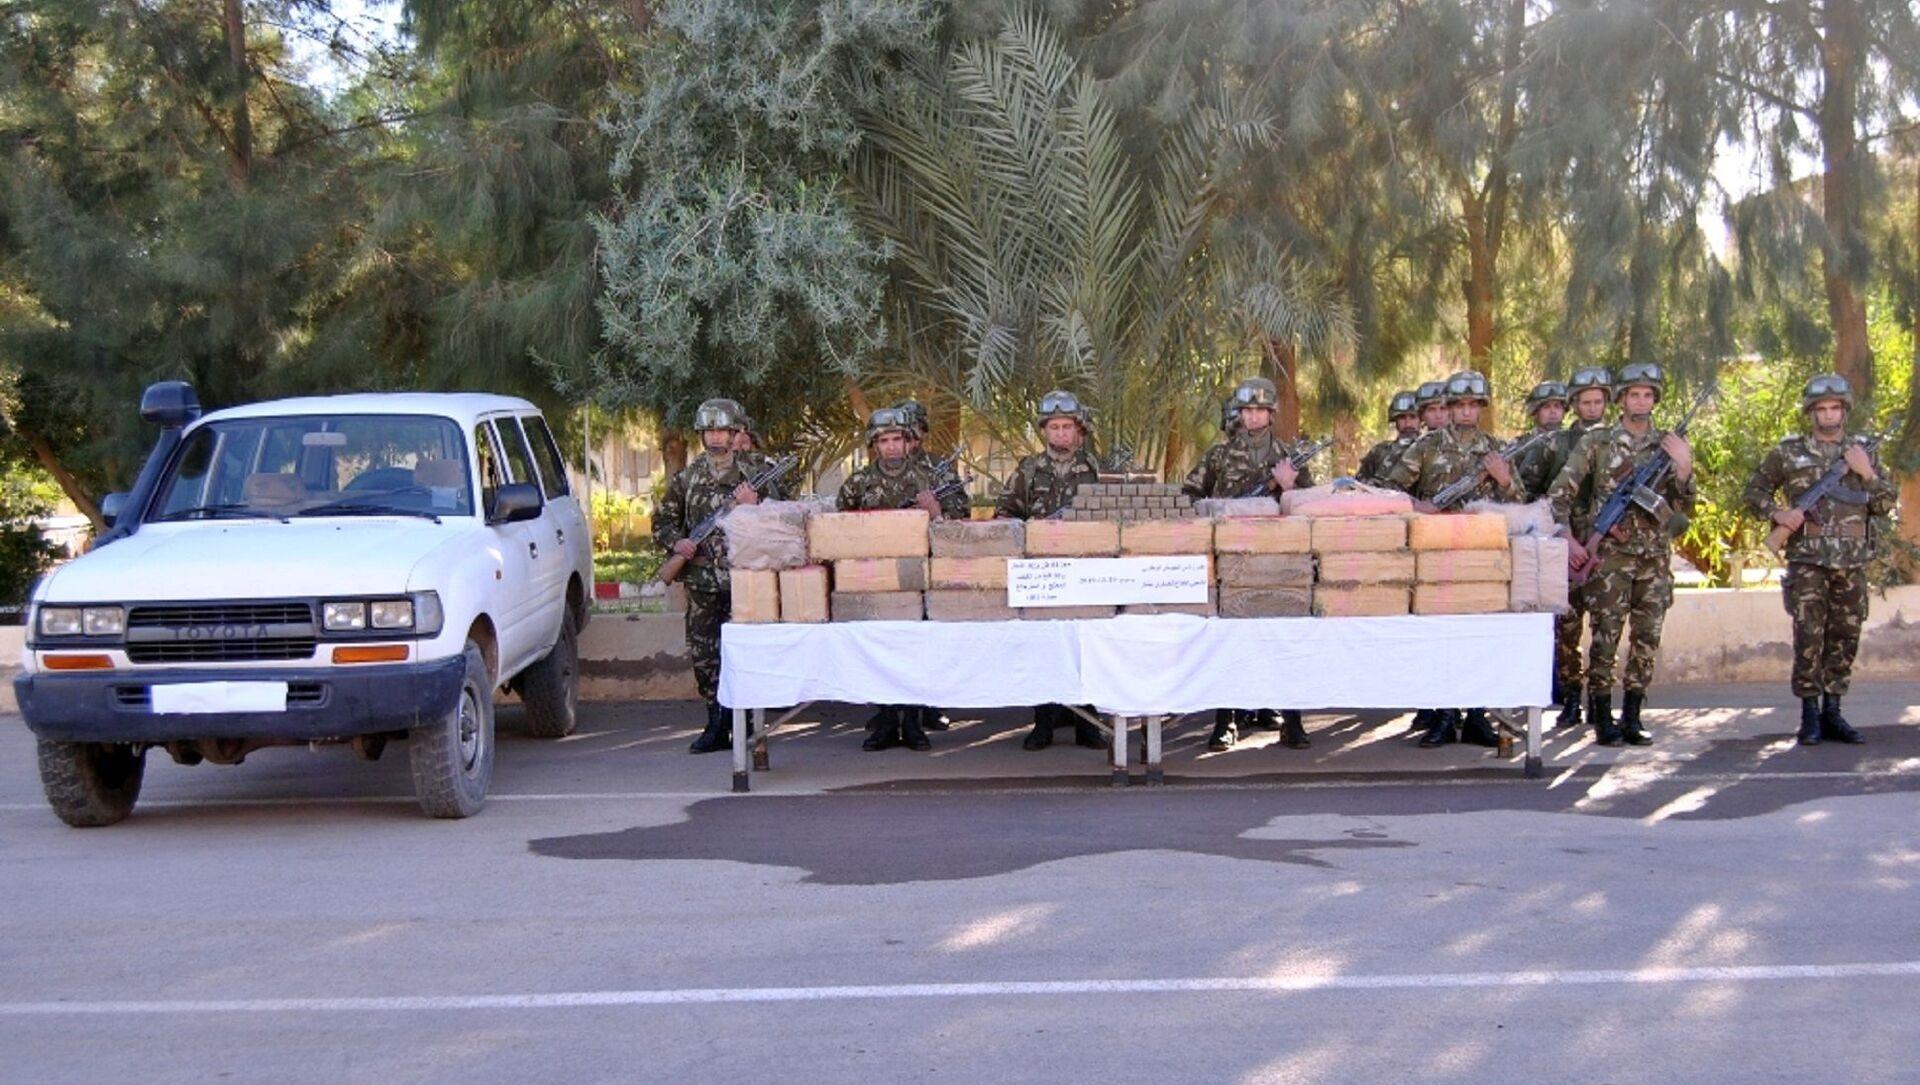 1,250 tonne de résine de cannabis saisie par l'armée algérienne à Béchar - Sputnik France, 1920, 10.03.2021